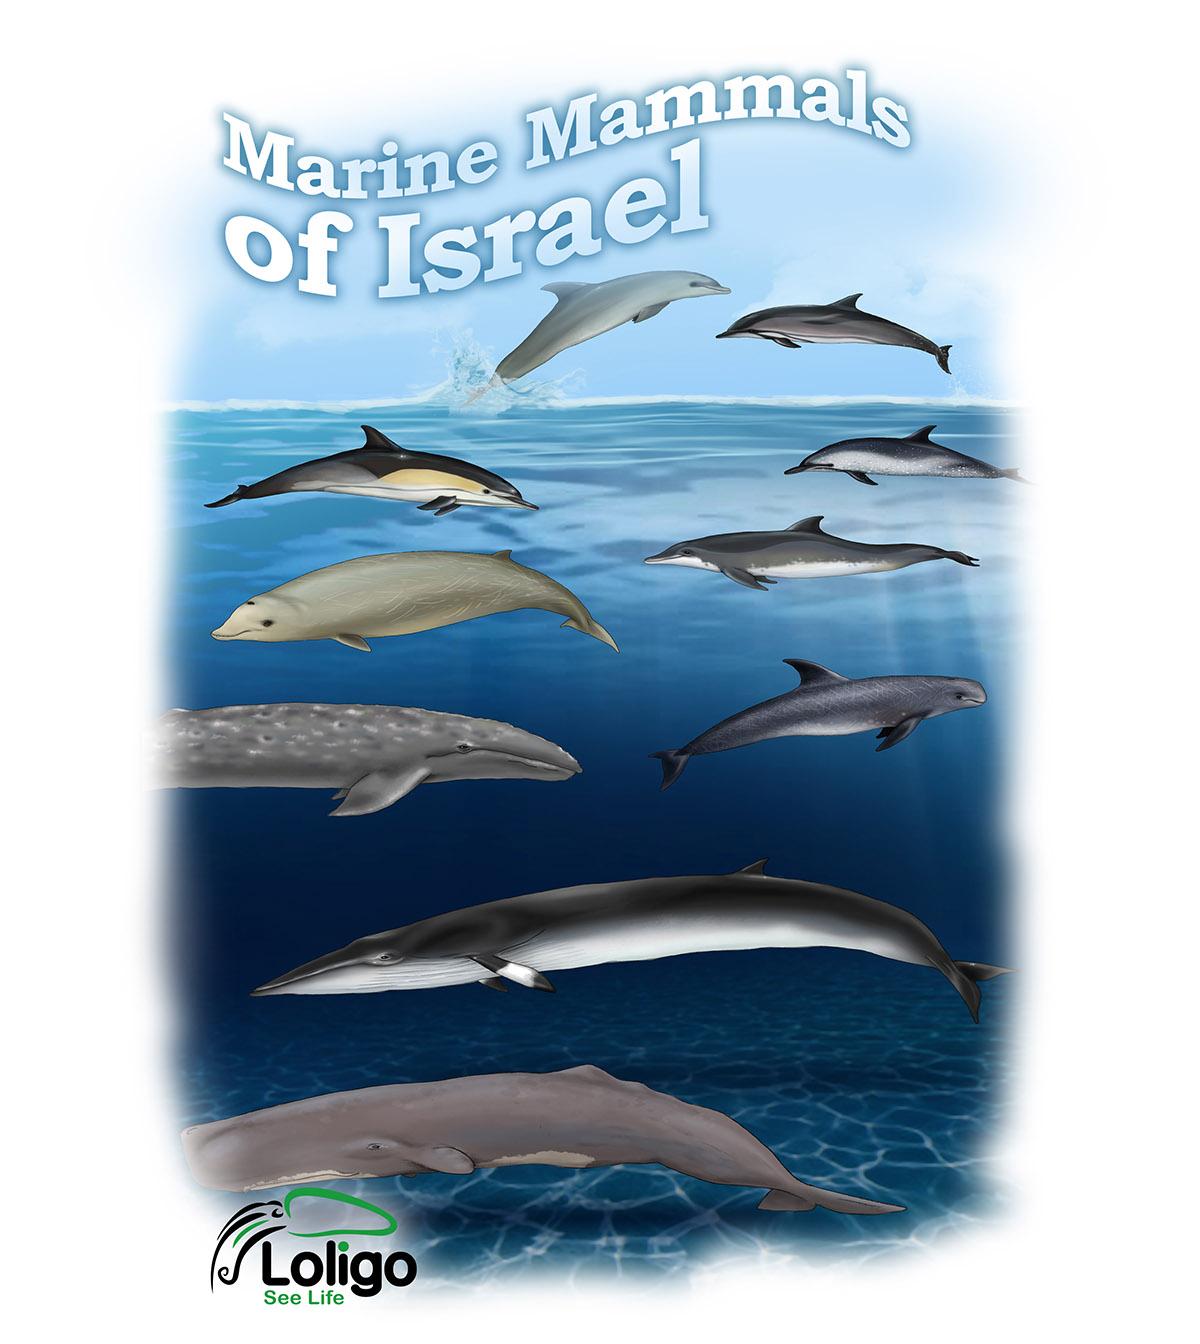 חולצת לוליגו - יונקים ימיים